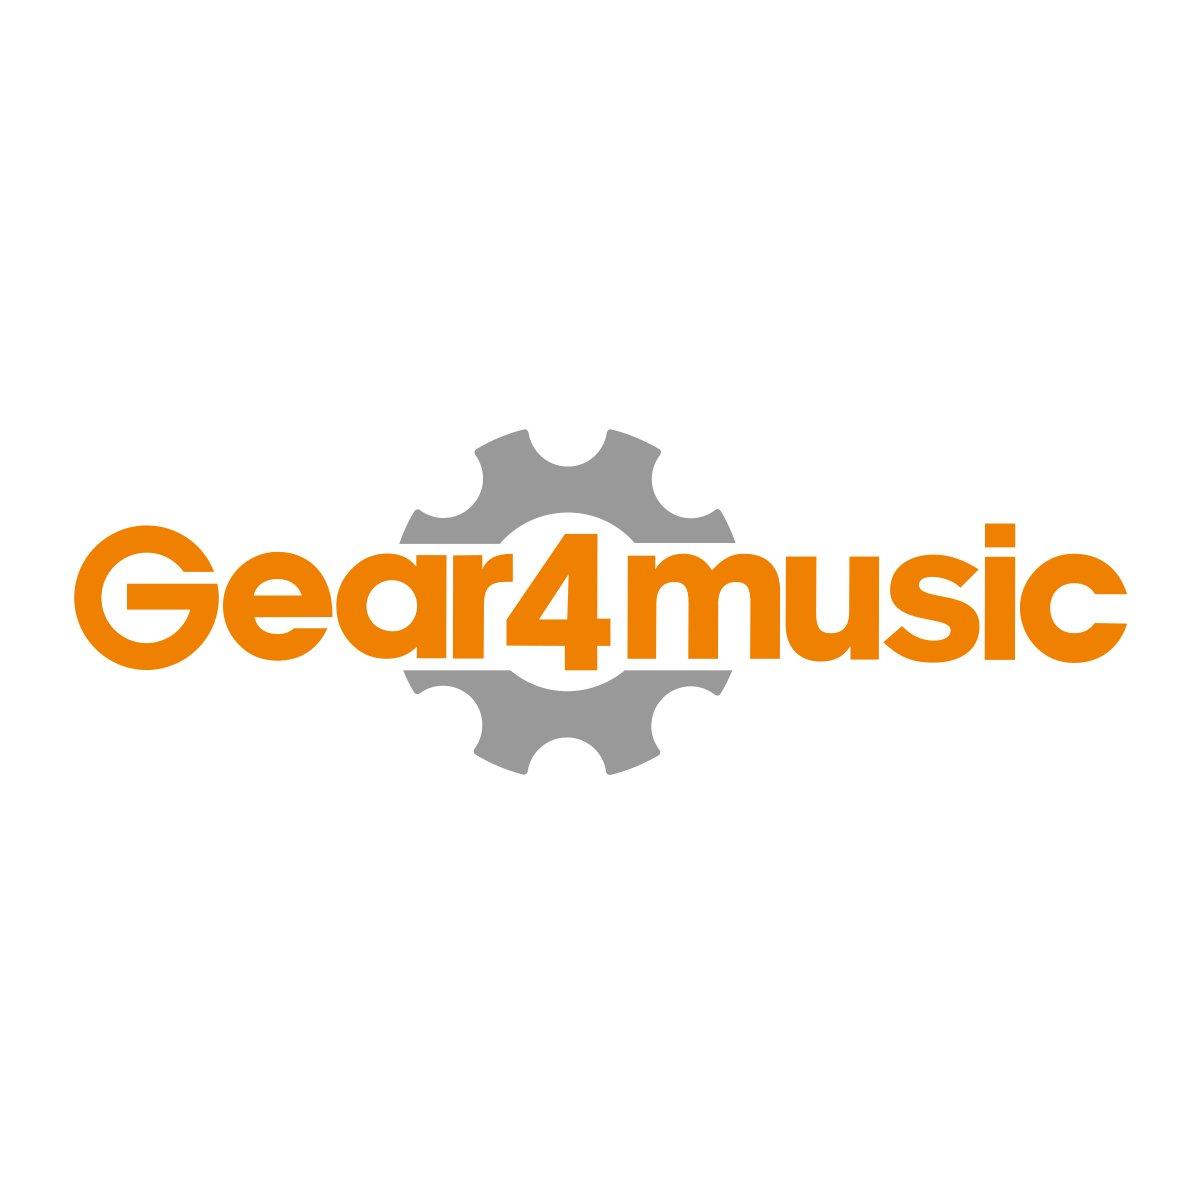 SDP-2 Scenepiano fra Gear4music + Stativ, Pedal og Hodetelefoner